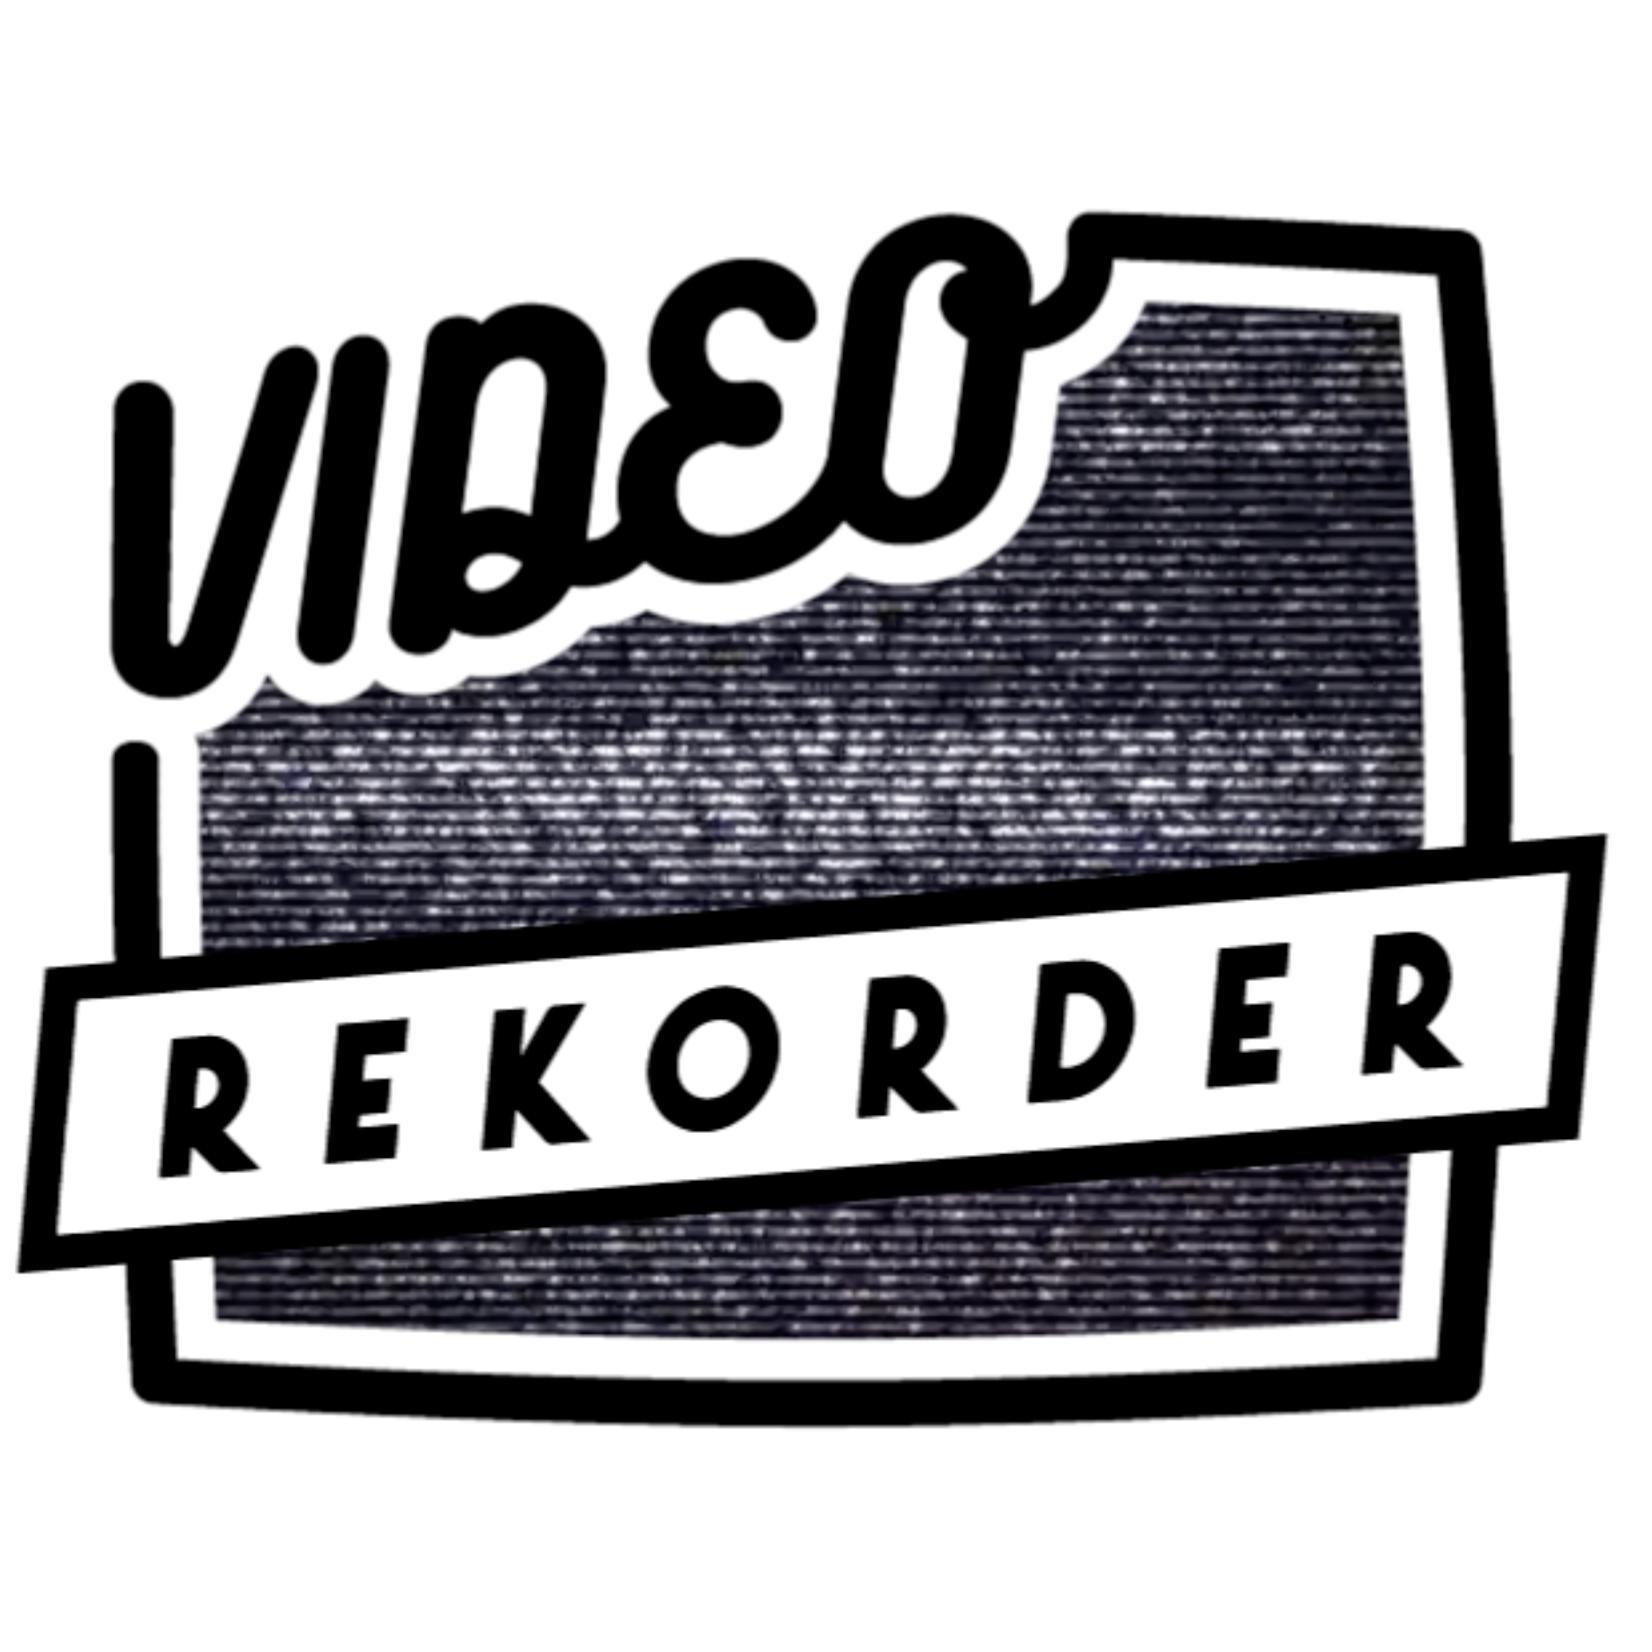 Vinylstammtisch & Videorekorder-Release